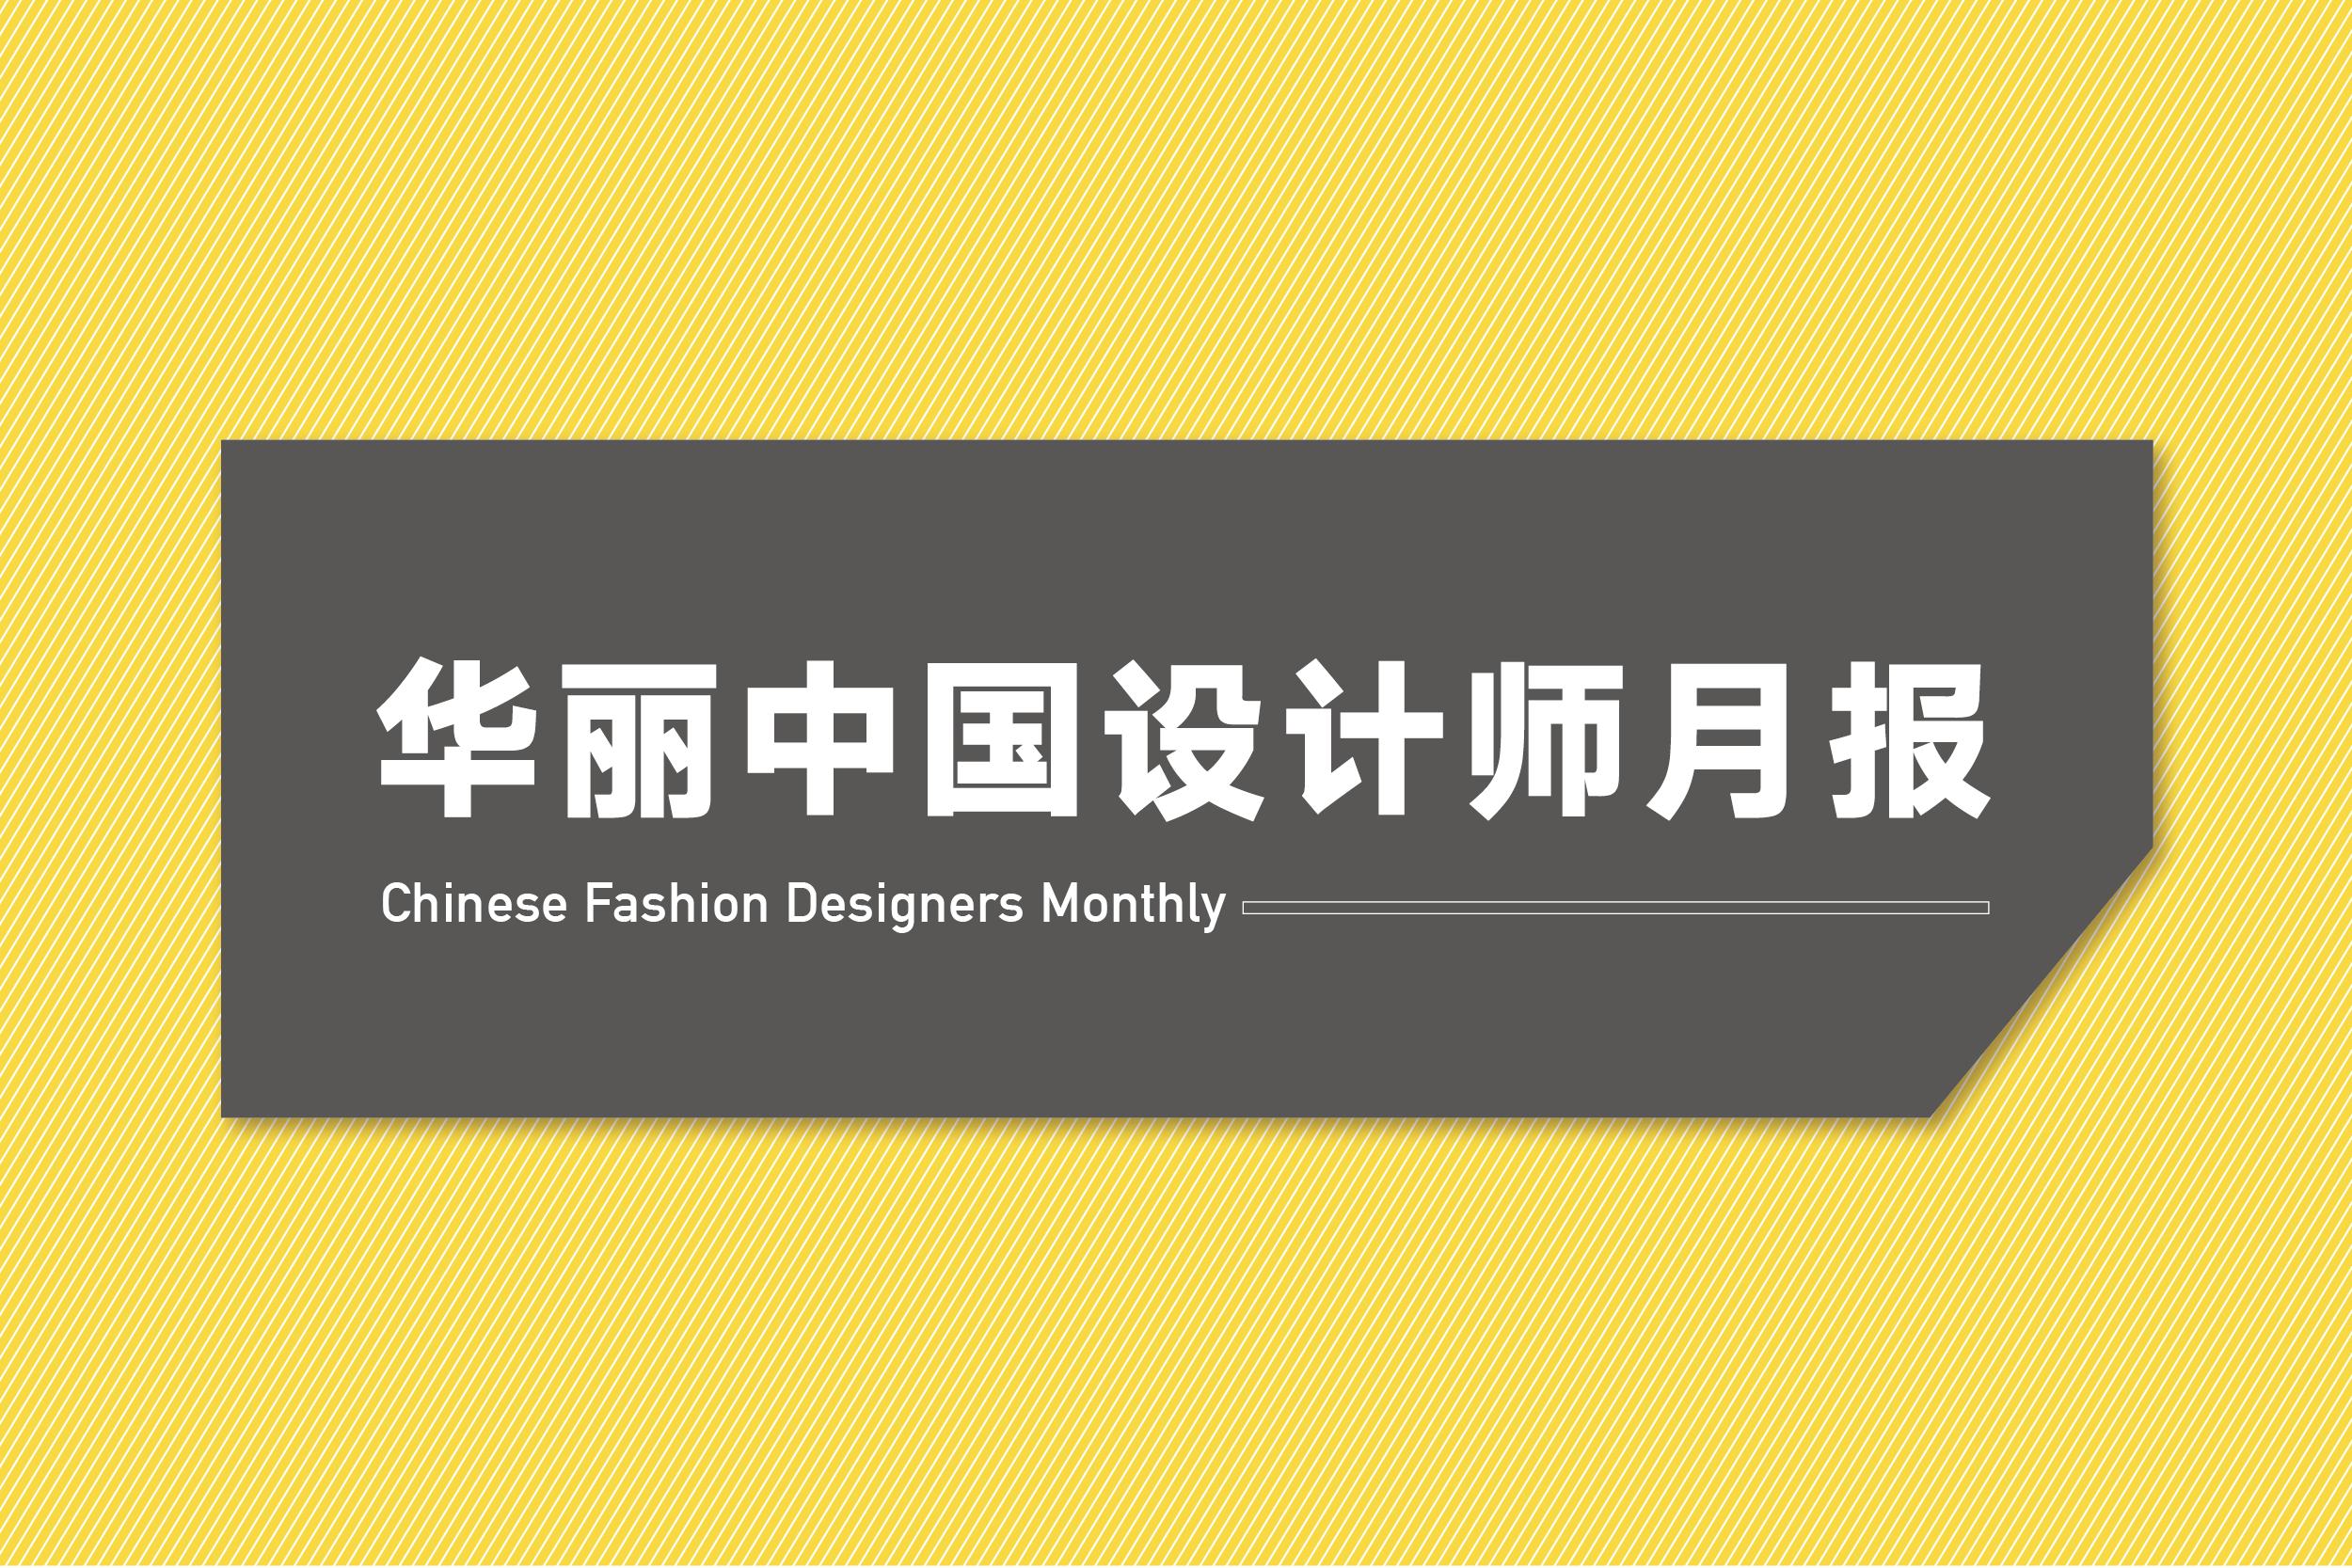 20位华人设计师将亮相国际四大时装周 | 华丽志设计师月报(7月)